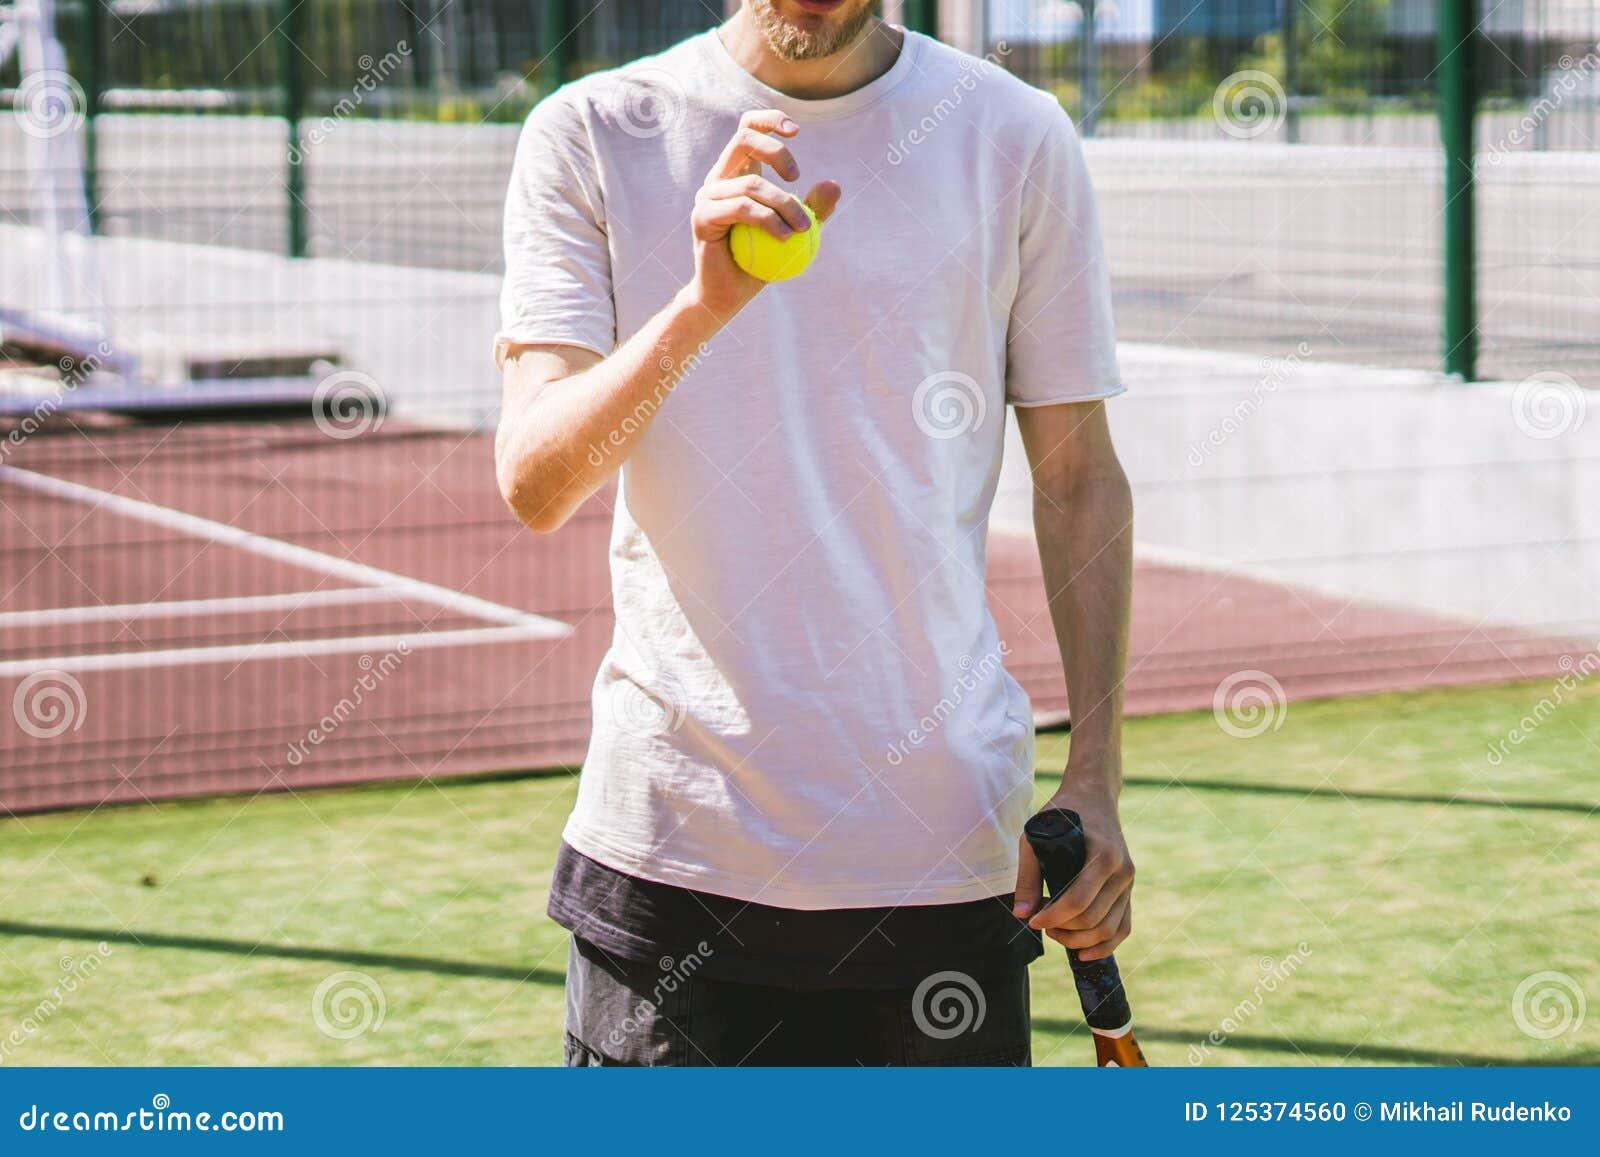 Retrato do jogador de tênis masculino novo na corte em um dia ensolarado